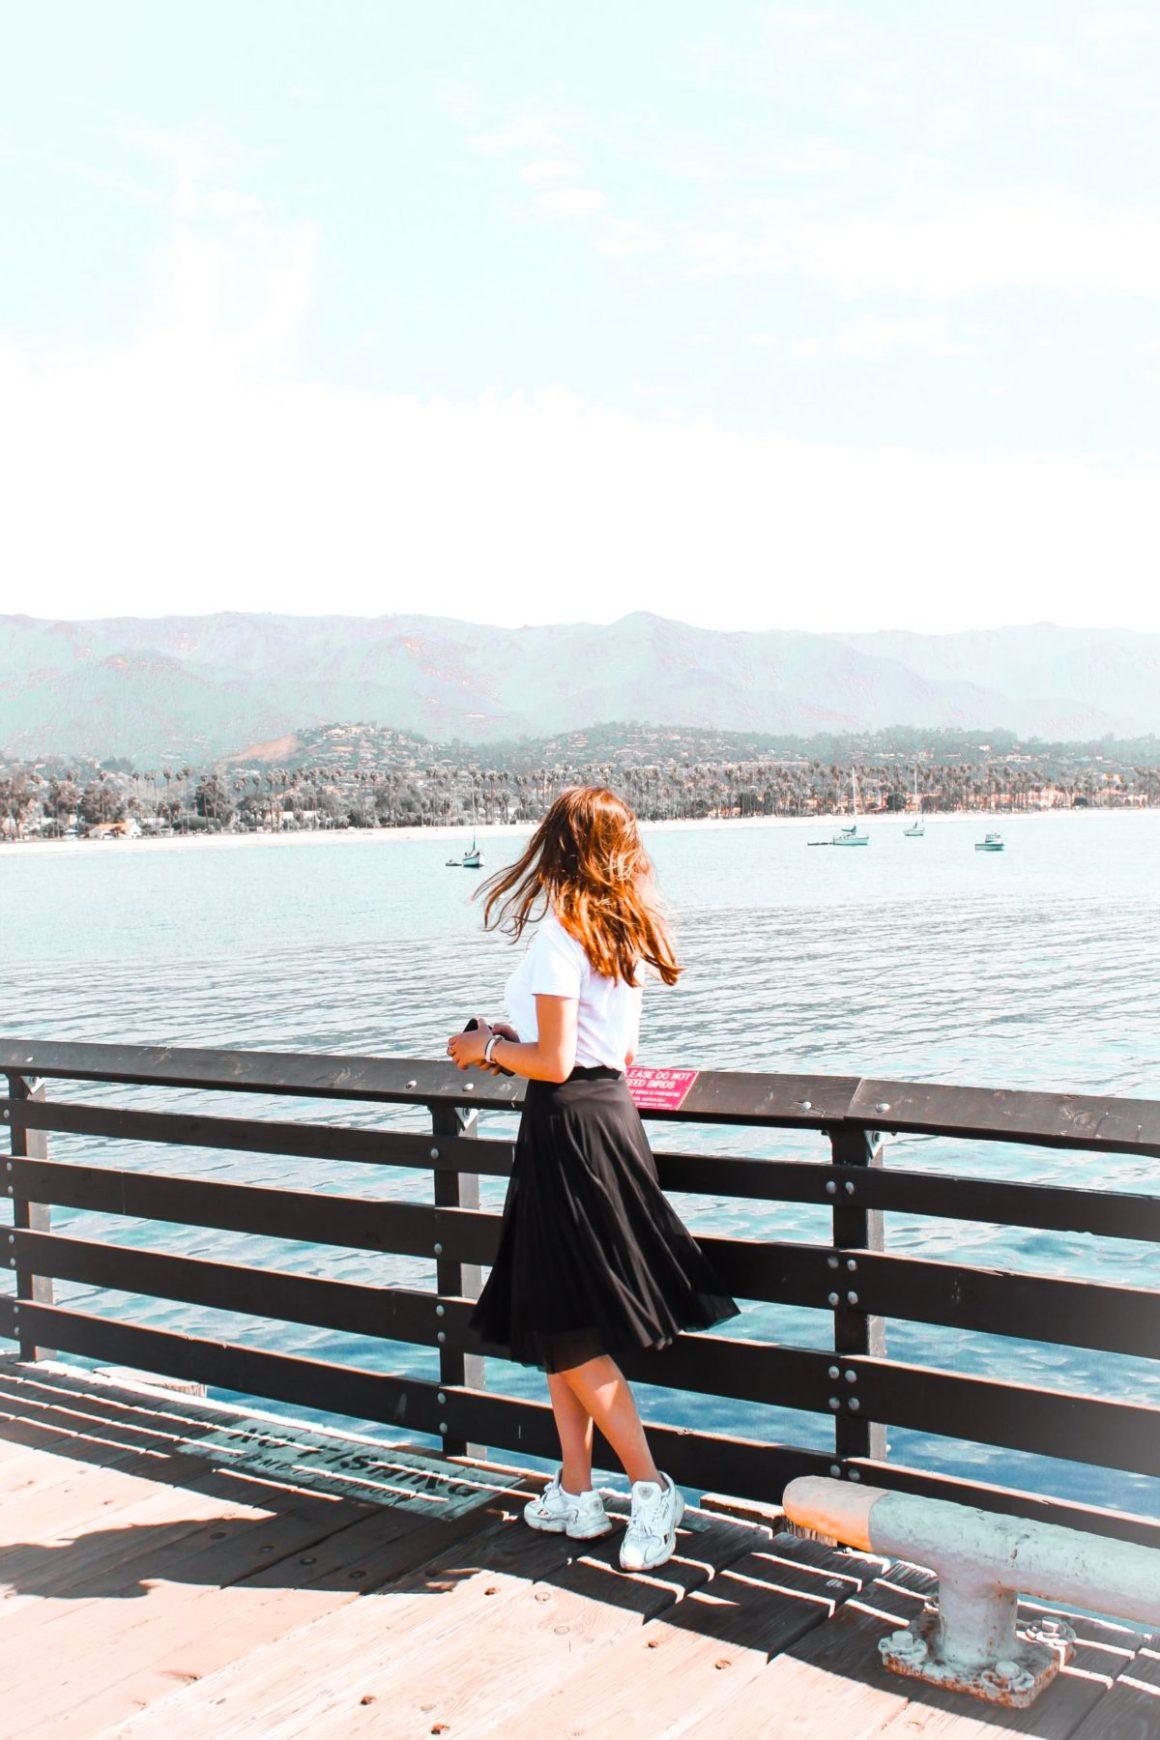 Une journée à Santa Barbara en Californie